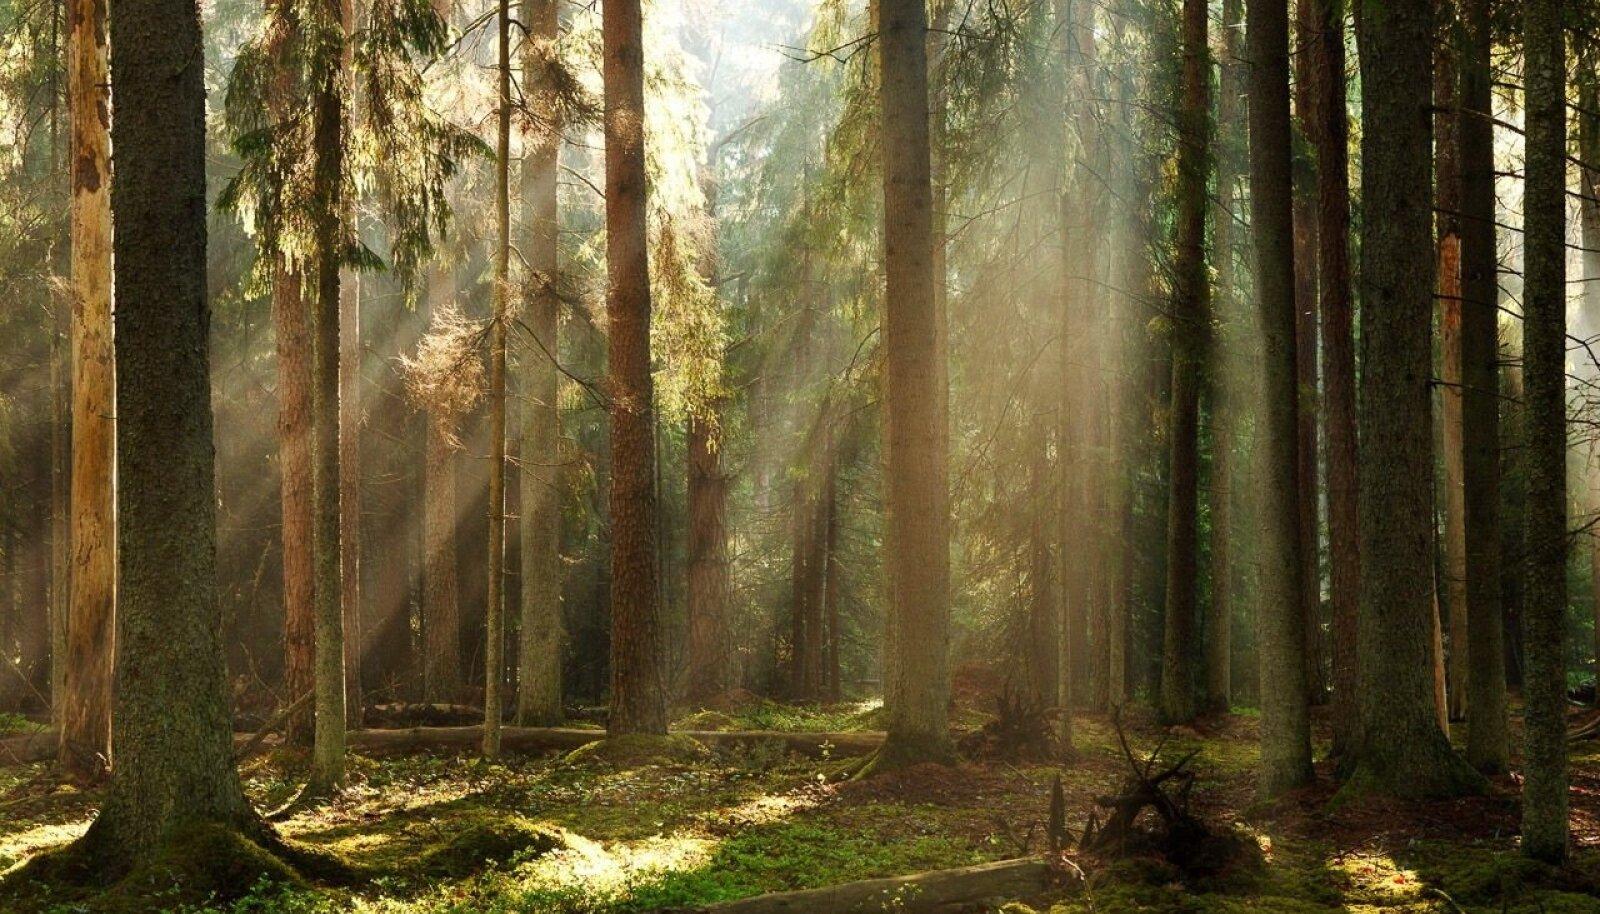 Võrratu kevadhommik linnulaulust kajavas metsas, kus meeleolu loovad kõrged iidsed puud, nende vahel vaikselt voogav udu ning päikesekiired, mis puude ja udu vahelt maapinnale teed otsivad. Sellist müstilist vaadet pakub külastajatele Valgesoo maastikukaitseala Põlvamaal.